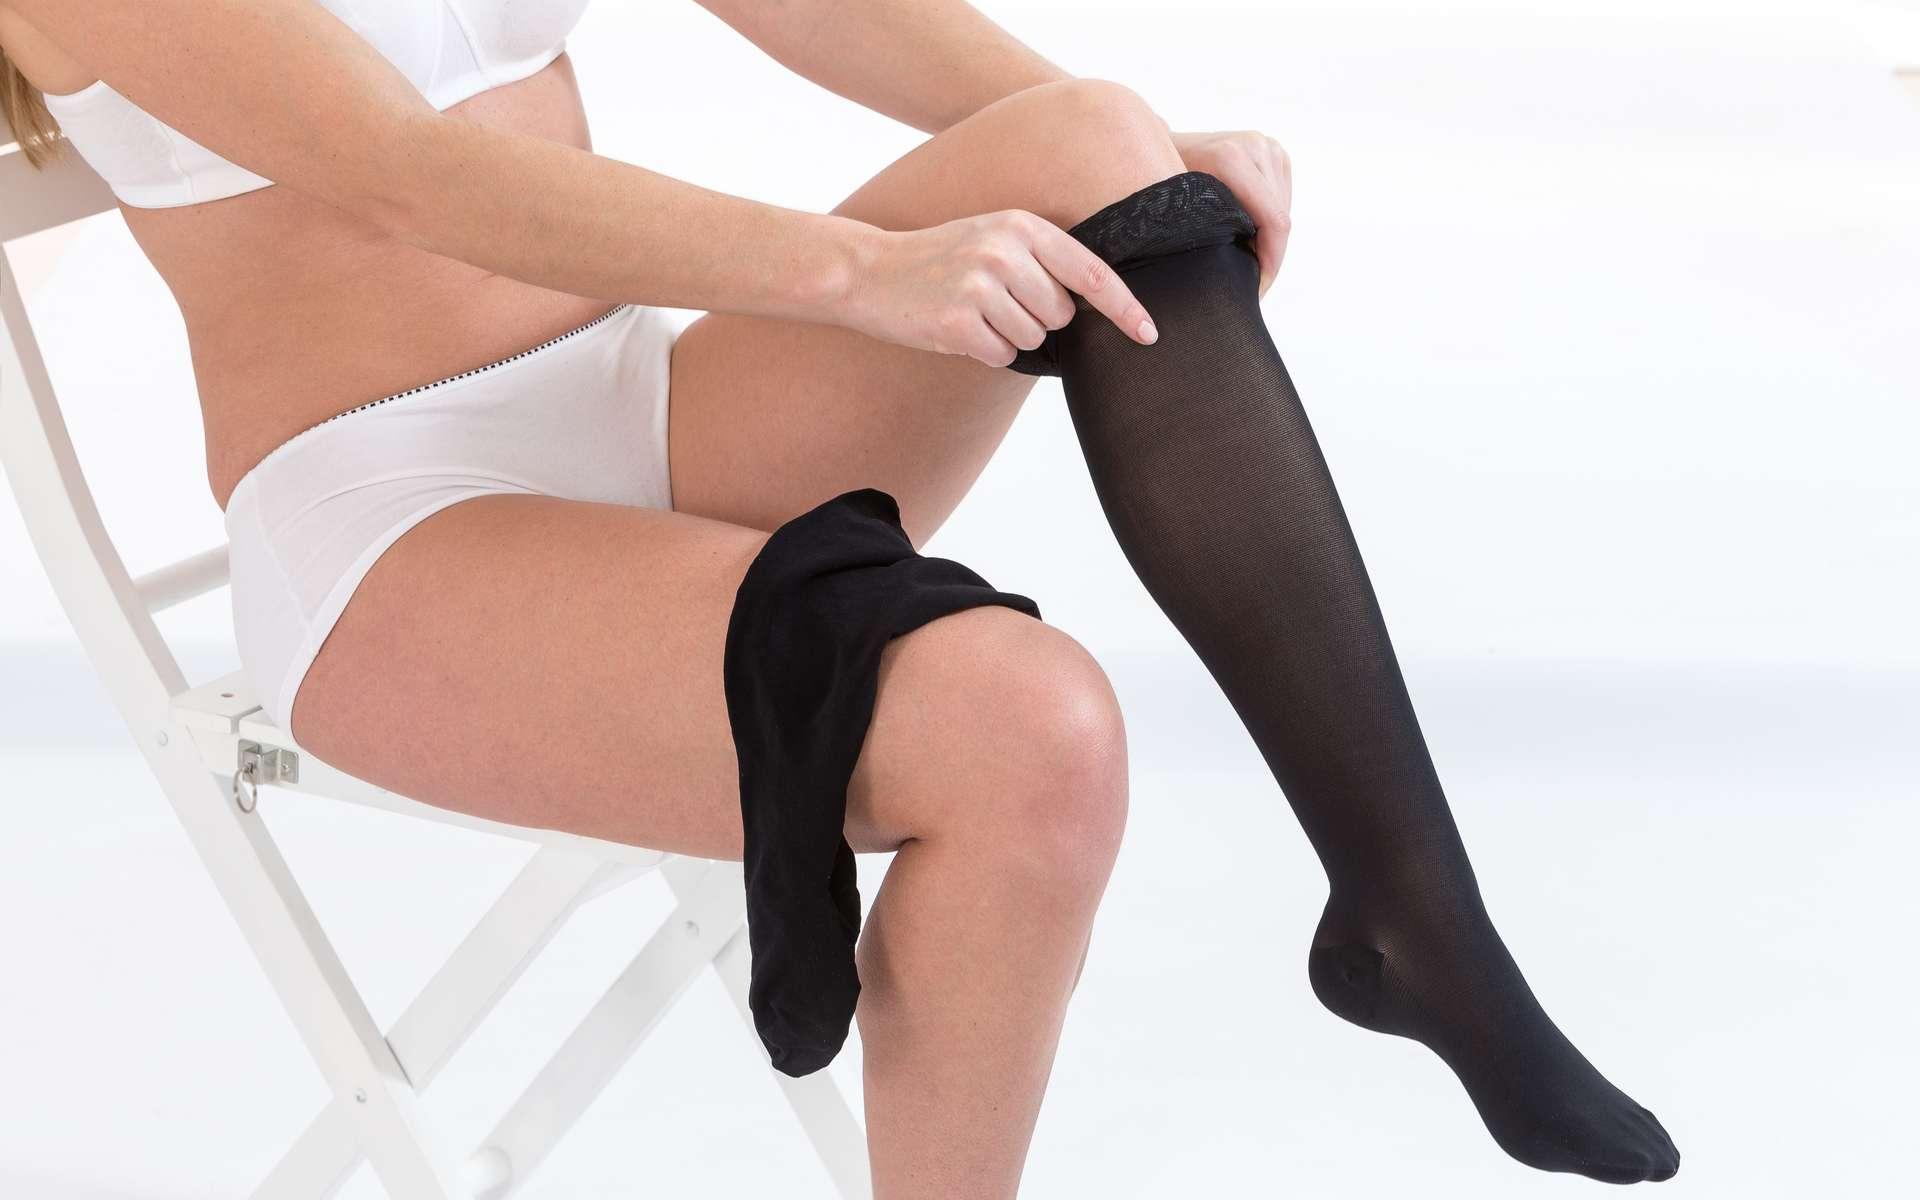 Les bas de contention permettent de comprimer la jambe et favoriser la circulation sanguine. © JPC-PROD, Adobe Stock